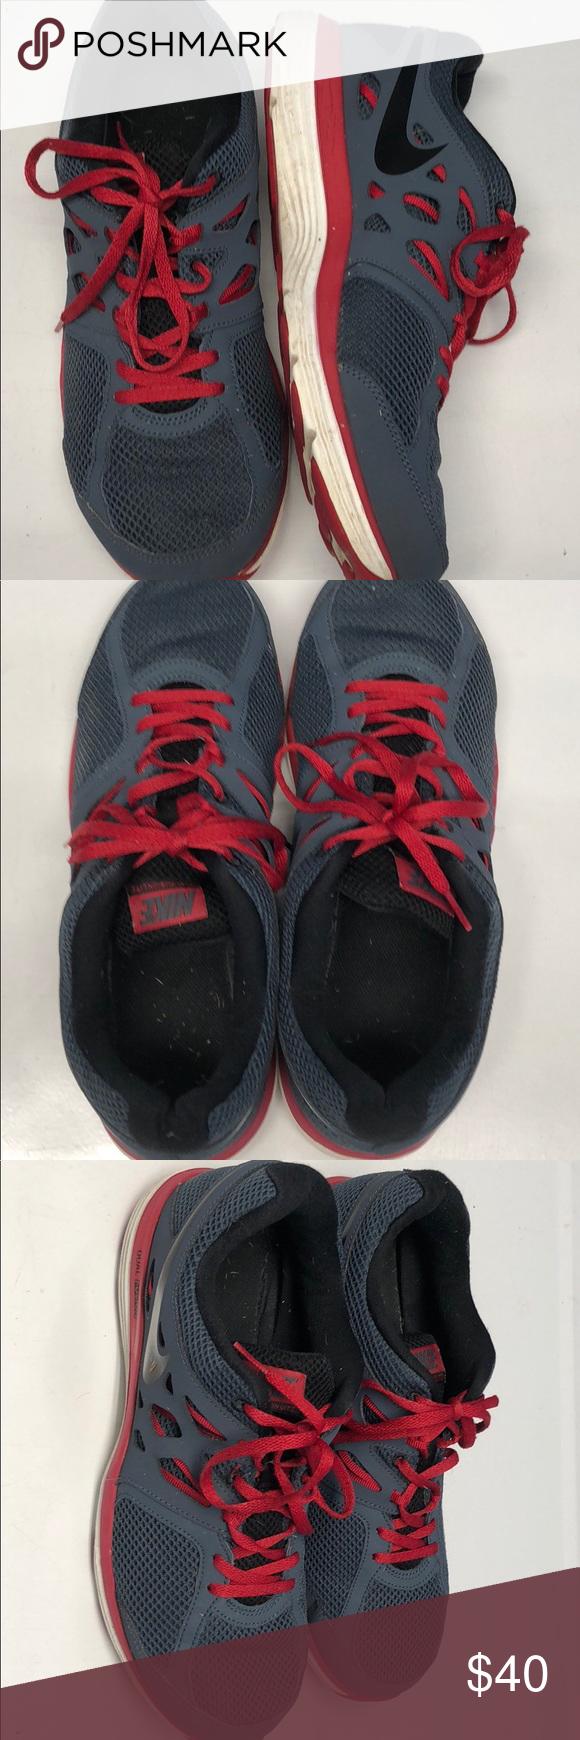 5e4e373d993e5 Nike Dual Fusion Lite Running Shoes 599513-400 Men s size 10.5 ...